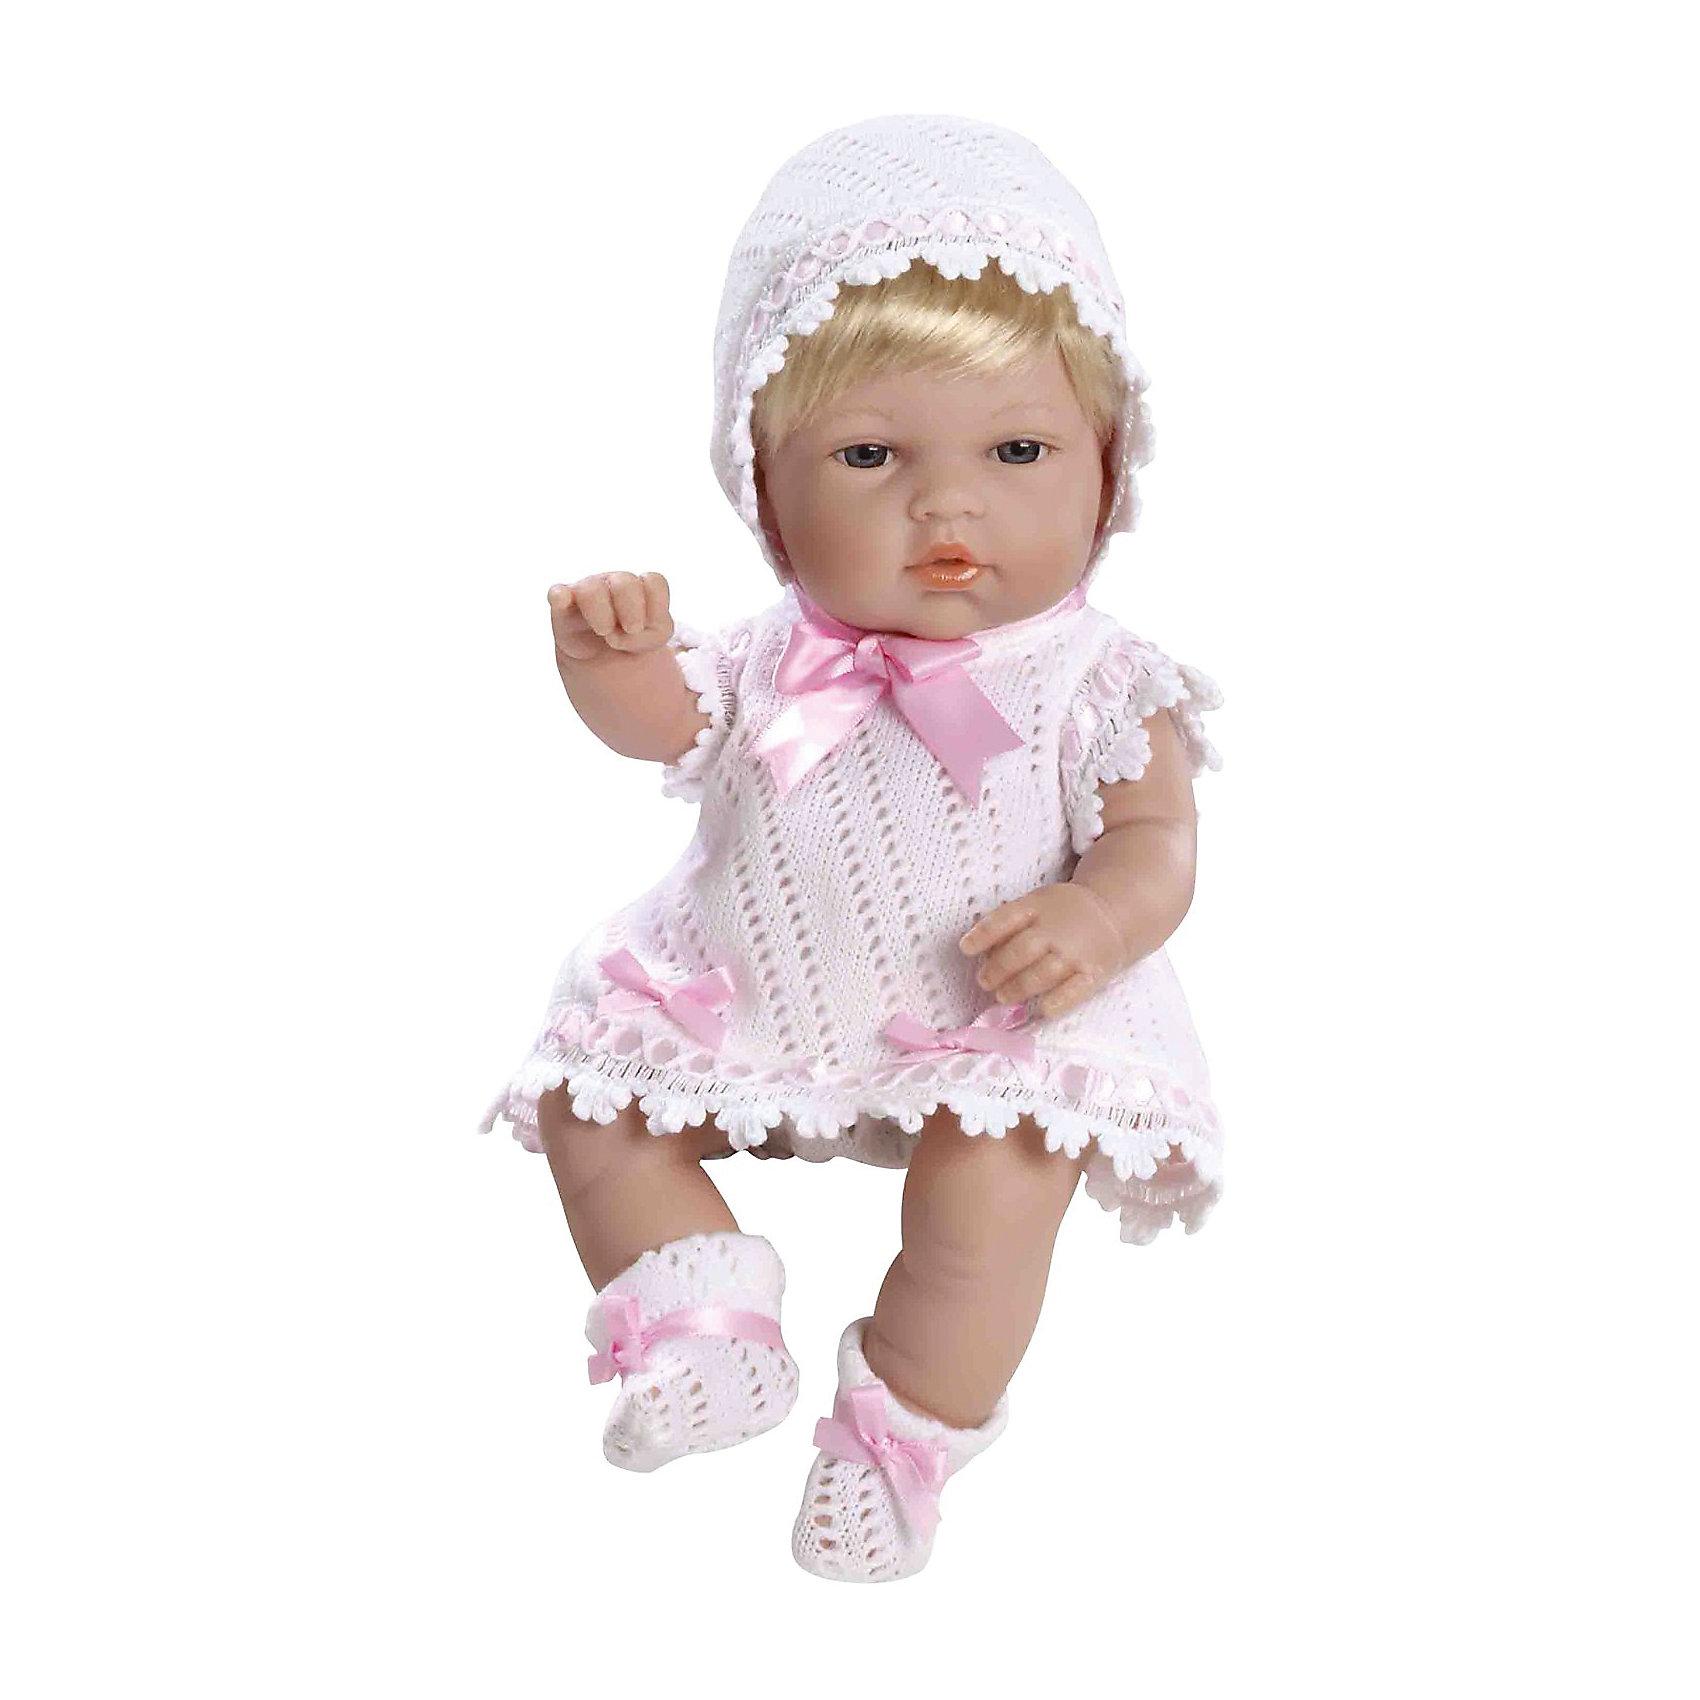 Пупс Блондинка, в белом с розовыми цветами, 33см, AriasХарактеристики:<br><br>• Вид игр: сюжетно-ролевые<br>• Пол: для девочек<br>• Коллекция: Elegance<br>• Материал: винил, текстиль, нейлон<br>• Длина пупса: 33 см<br>• Комплектация: пупс, платье, чепчик, пинетки<br>• Подвижные ручки и ножки <br>• Вес в упаковке: 1 кг 650 г<br>• Размеры упаковки (Г*Ш*В): 41*14*24 см<br>• Упаковка: картонная коробка<br>• Особенности ухода: куклу можно купать, одежда – ручная стирка<br><br>Пупс Блондинка, в белом с розовыми цветами, 33см, Arias изготовлен известным испанским торговым предприятием Munecas, который специализируется на выпуске кукол и пупсов. Пупсы и куклы Arias с высокой степенью достоверности повторяют облик маленьких детей, благодаря мельчайшим деталям внешнего вида и одежды игрушки выглядят мило и очаровательно. Пупс выполнен из винила, у него подвижные ручки и ножки, короткие светлые волосы, четко прорисованные глаза и брови, курносый носик и пухленькие губки. Малышка одета в вязаное ажурной вязкой платье белого цвета, пинетки и чепчик. Все детали гардероба декорированы розовыми атласными ленточками. Пупс Блондинка, в белом с розовыми цветами, 33см, Arias станет идеальным подарком для девочки к любому празднику.<br><br>Пупса Блондинку, в белом с розовыми цветами, 33см, Arias можно купить в нашем интернет-магазине.<br><br>Ширина мм: 405<br>Глубина мм: 140<br>Высота мм: 240<br>Вес г: 1075<br>Возраст от месяцев: 36<br>Возраст до месяцев: 120<br>Пол: Женский<br>Возраст: Детский<br>SKU: 5355545